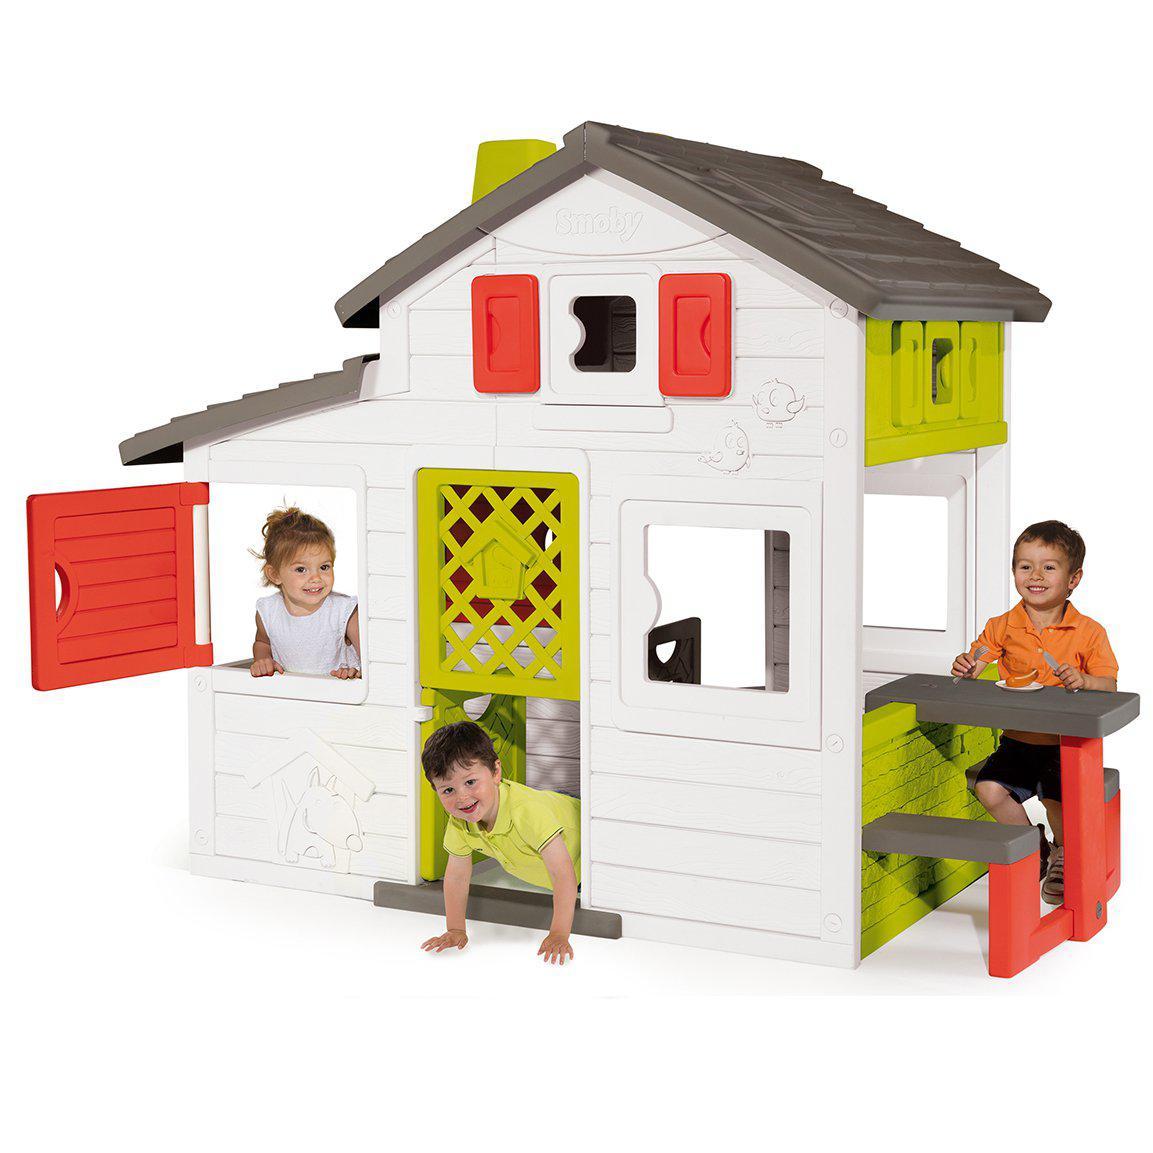 Дитячий ігровий будиночок з кухнею Smoby 810200